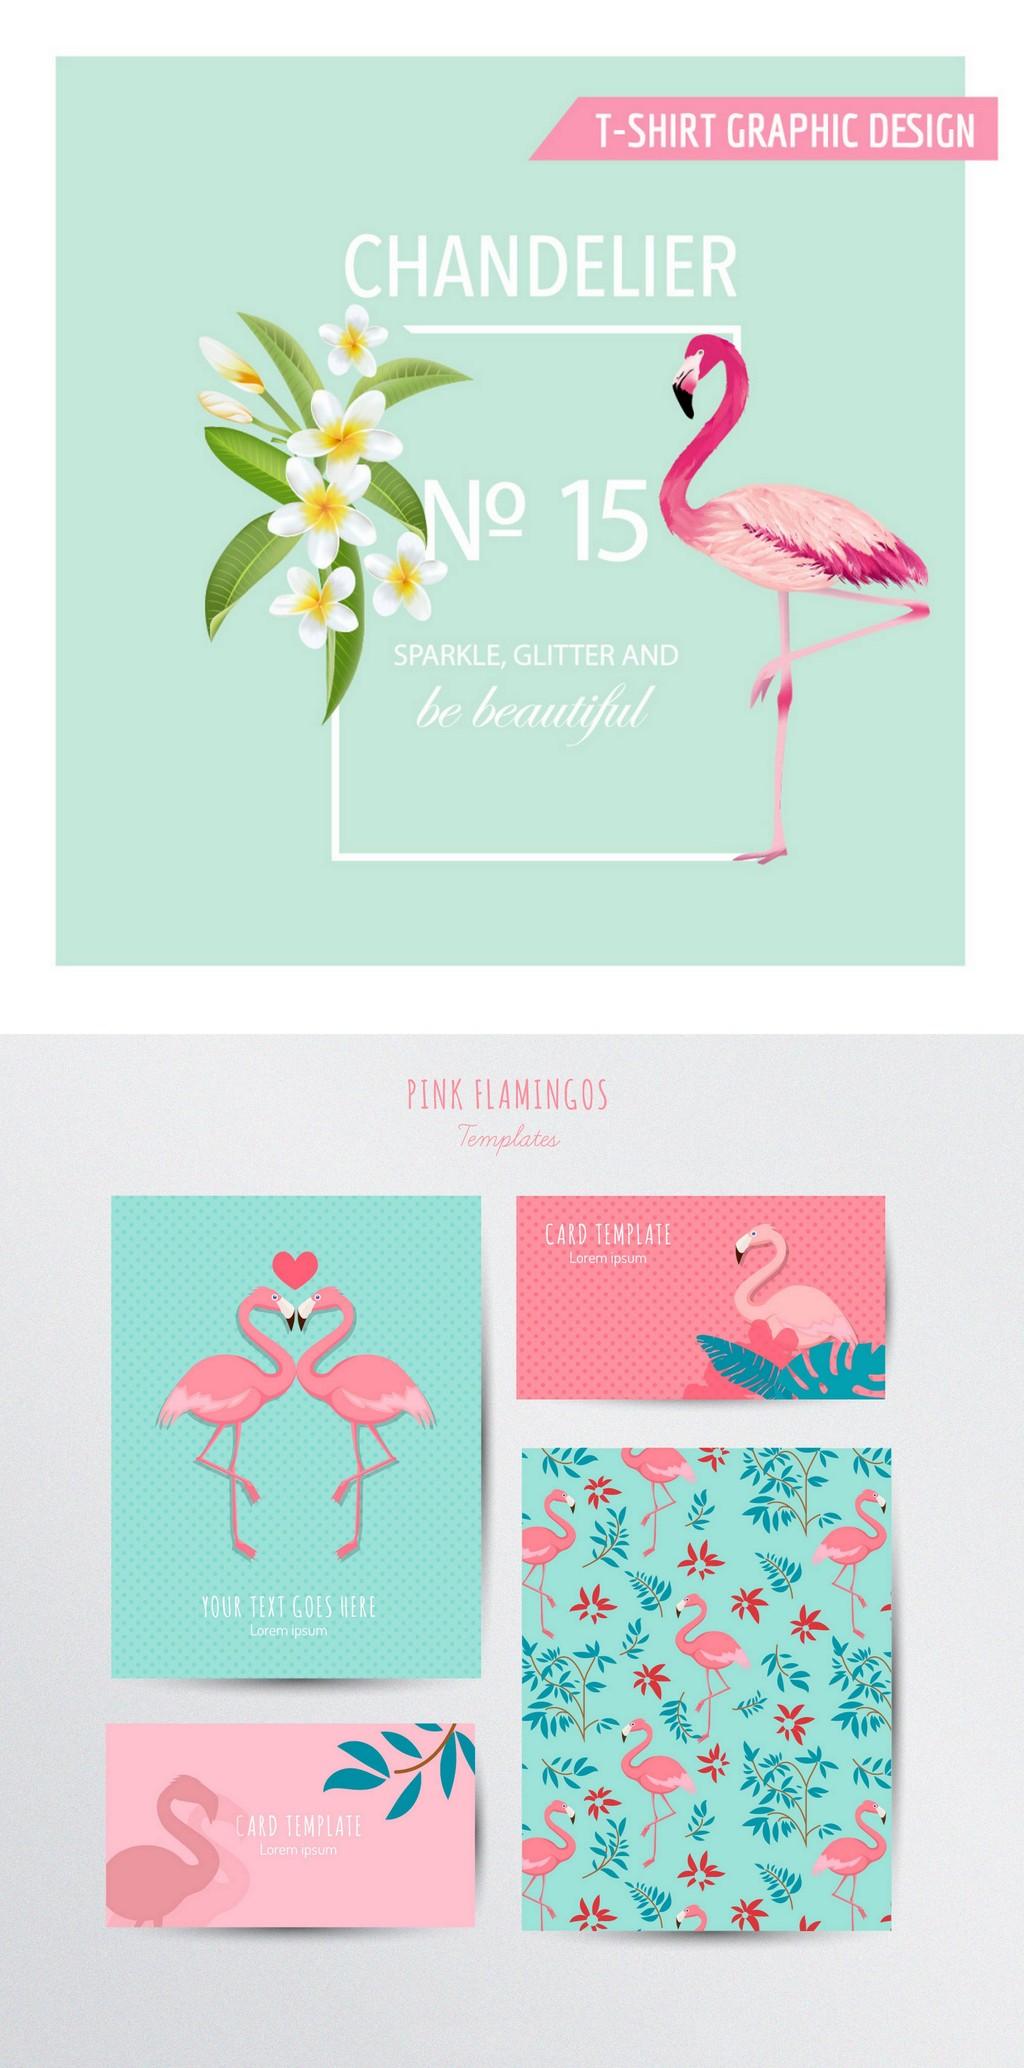 水彩手绘火烈鸟花朵插画婚礼请柬海报素材